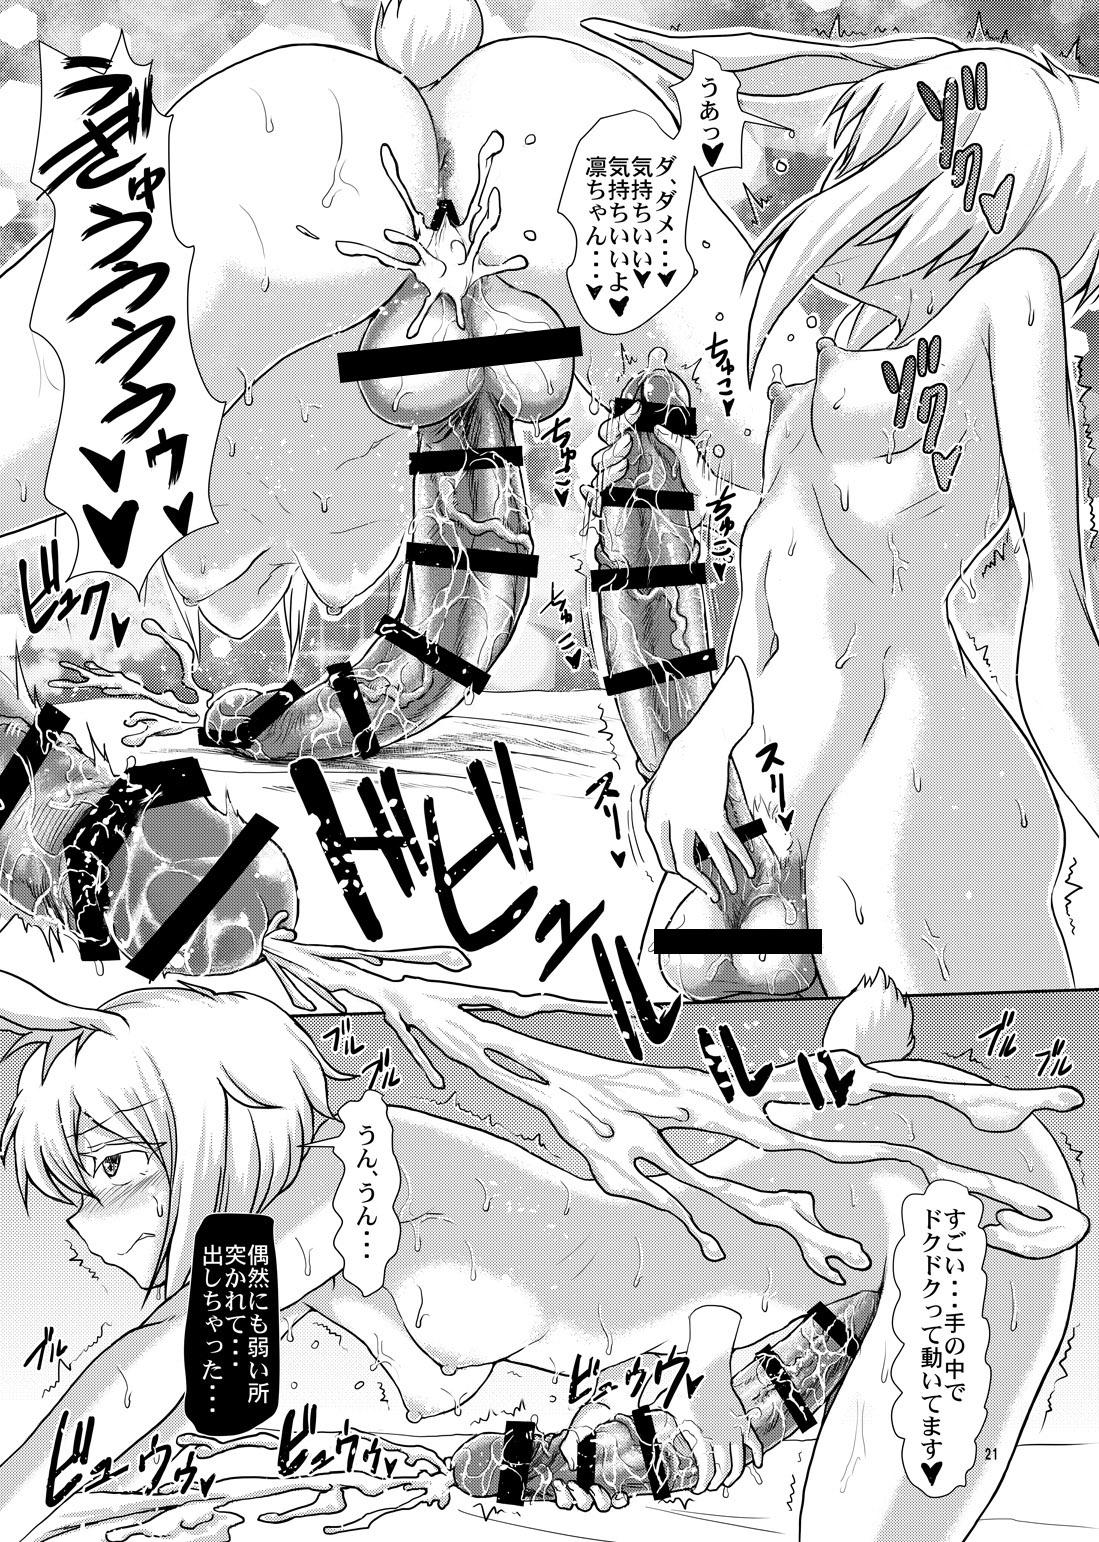 人前で・・・全裸でおちんちん出しちゃってる・・・気持ちいい・・・おちんちん出すの、気持ちいい・・・♪【エロ漫画・エロ同人】 (20)